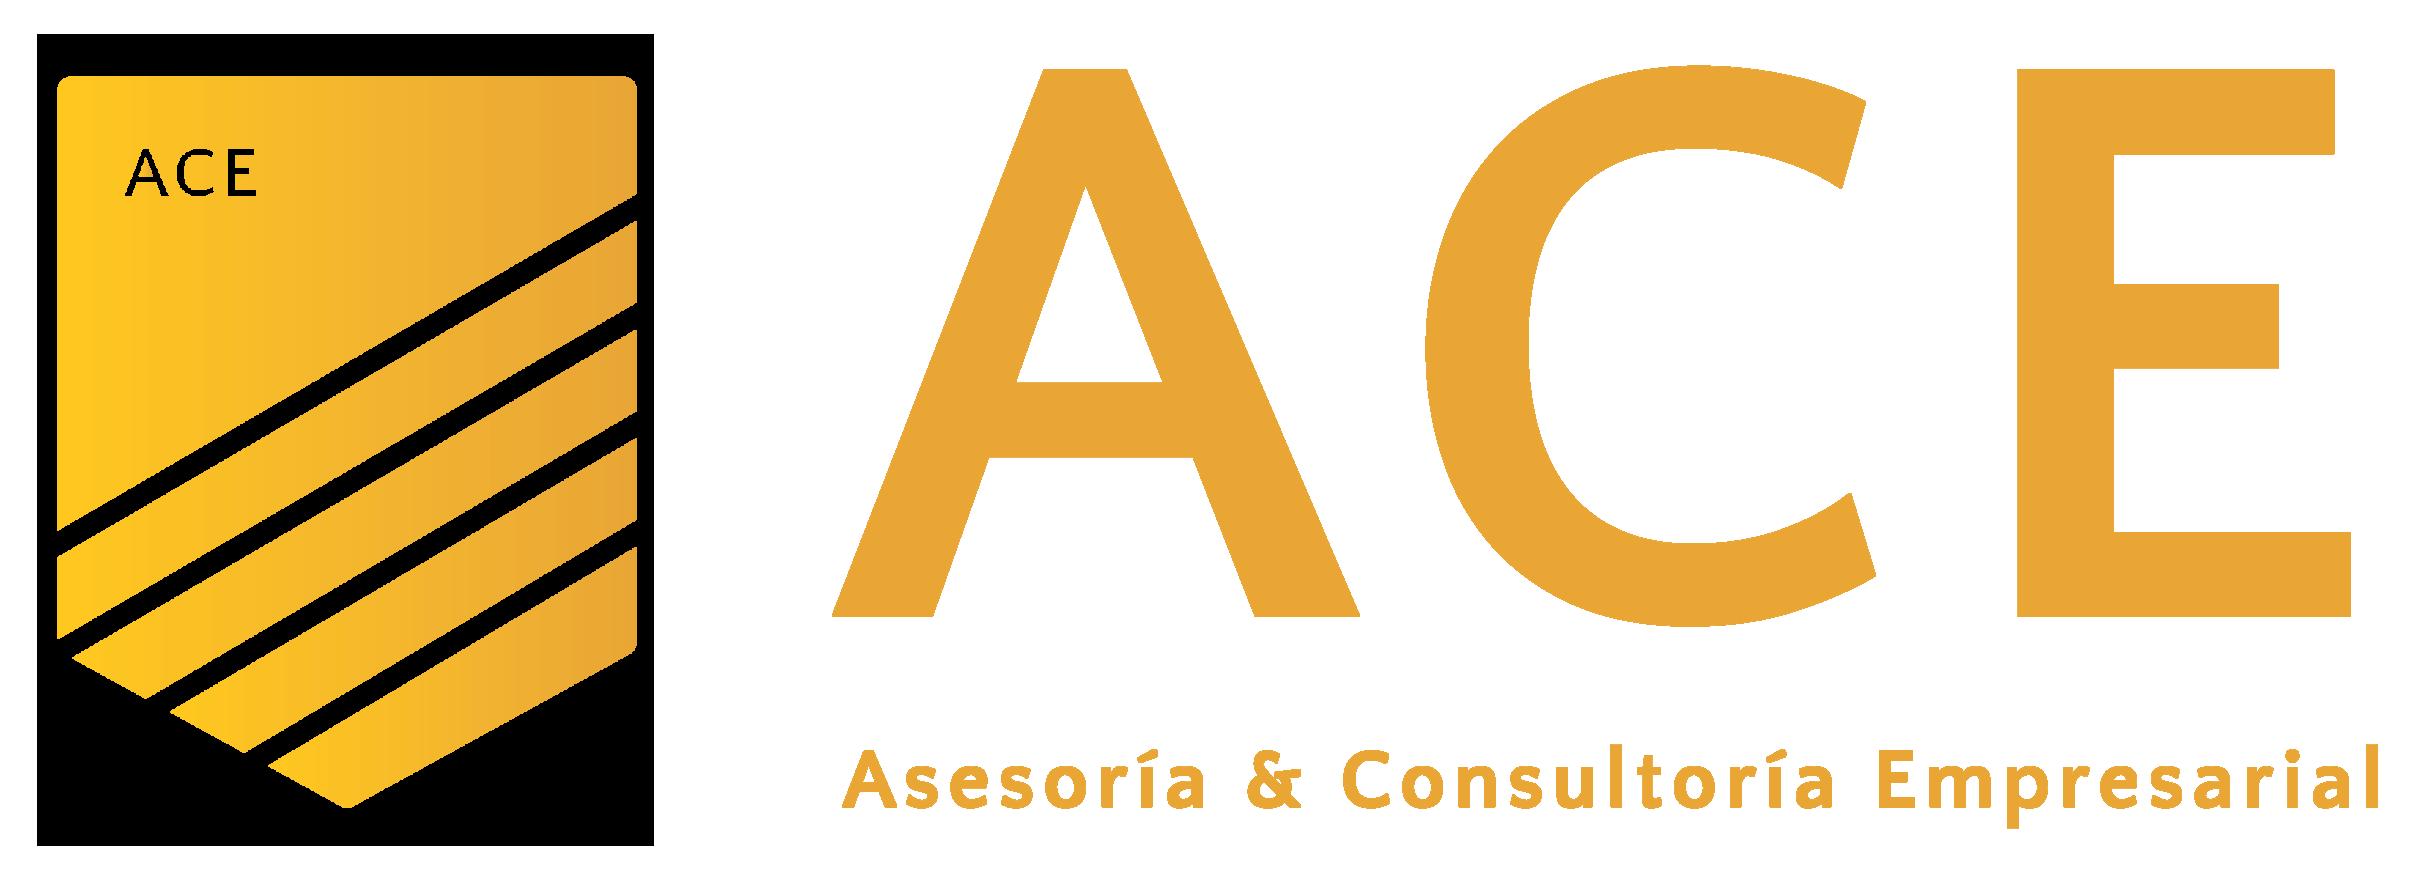 Ace Consultoría